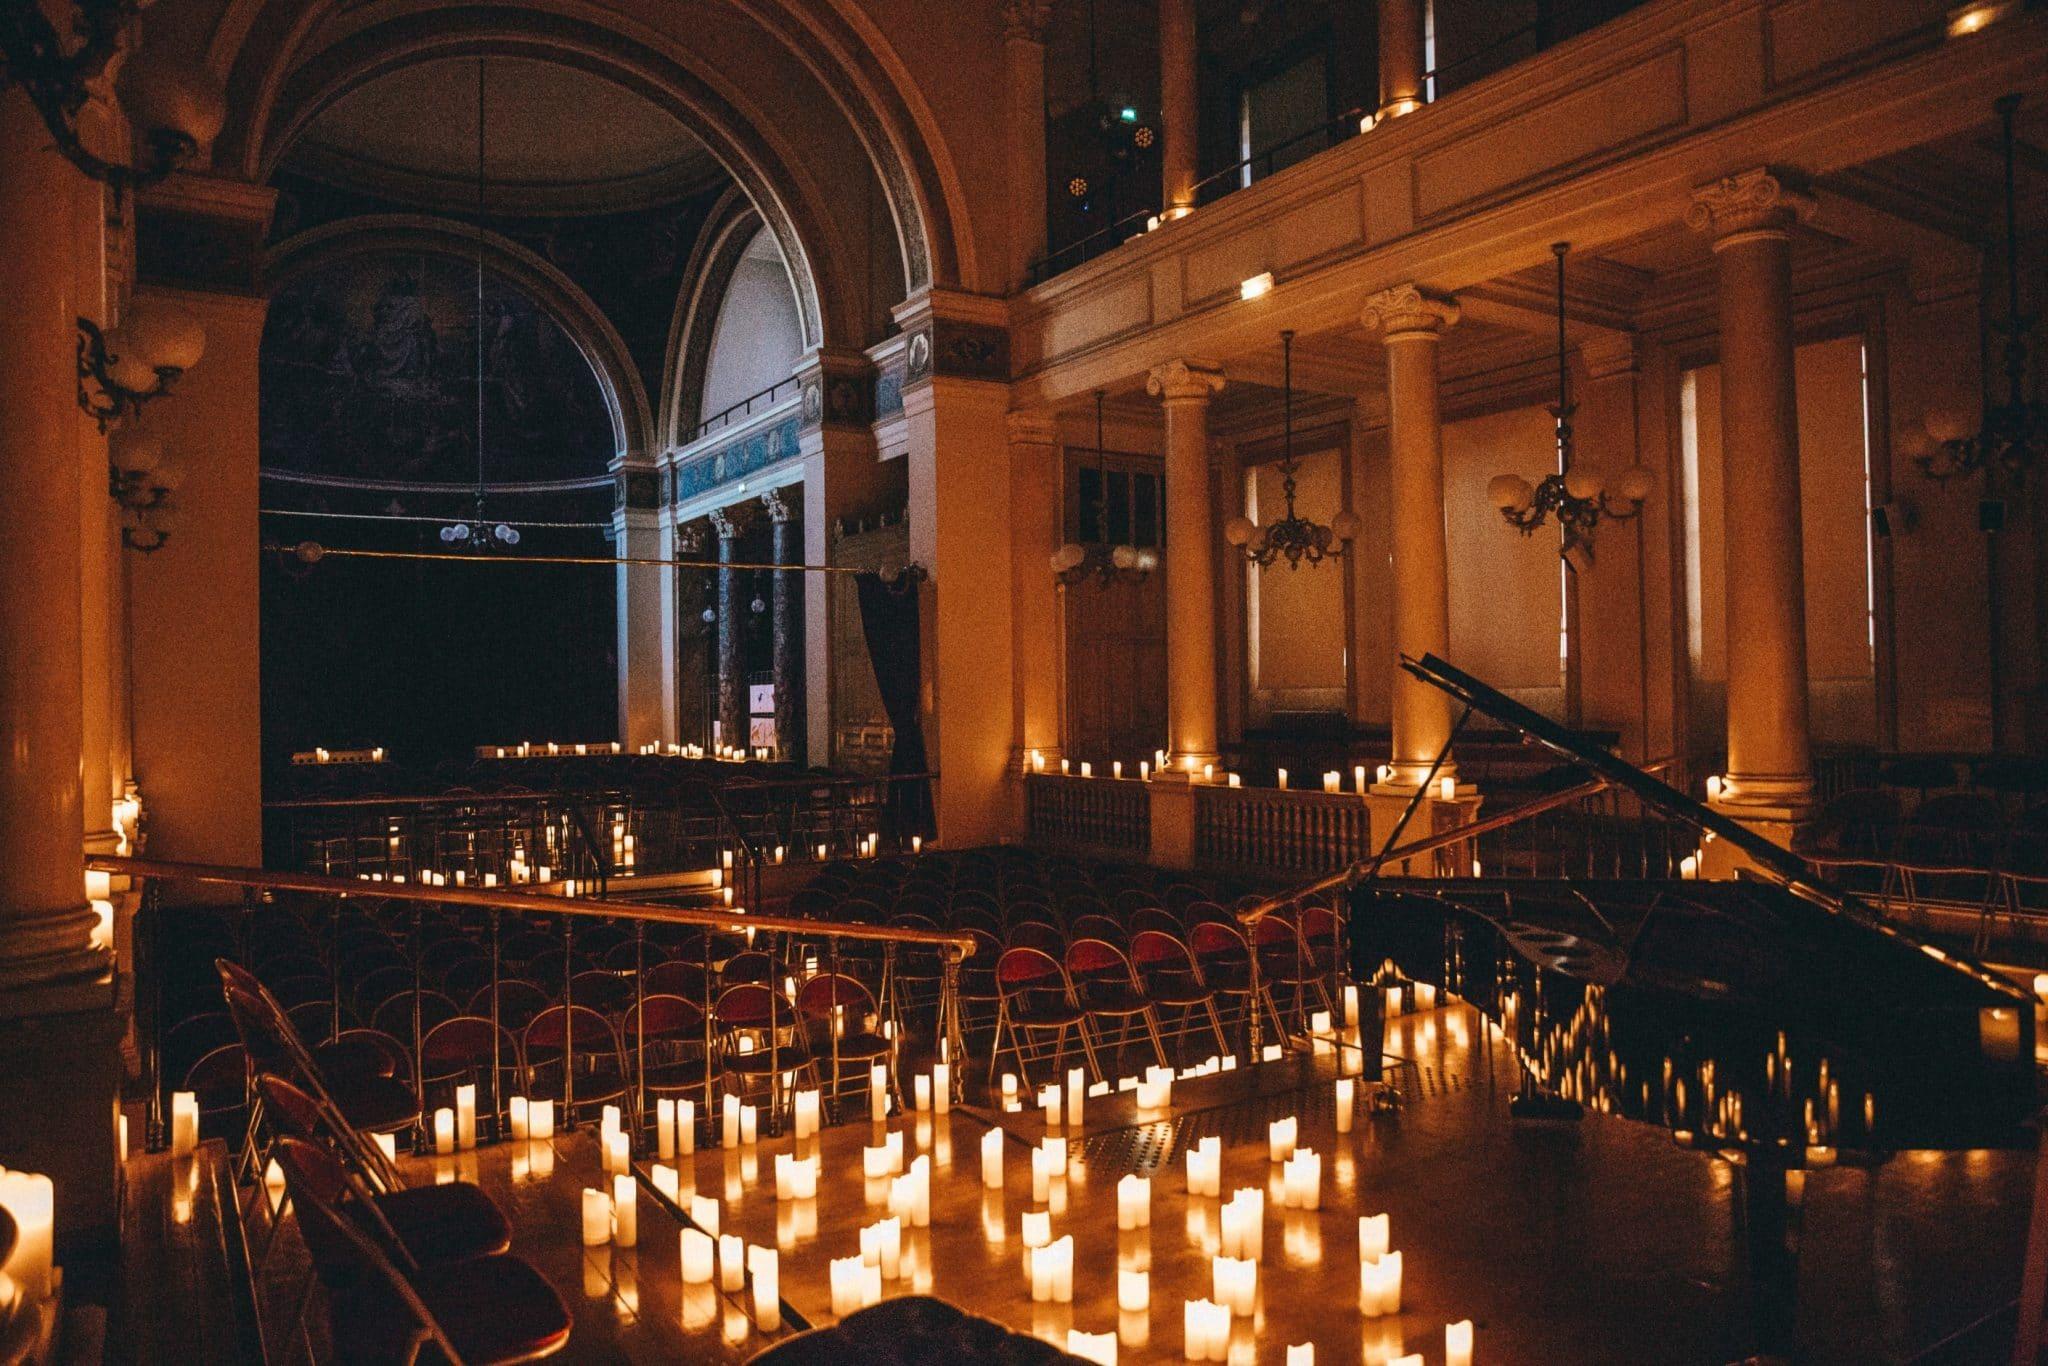 inja paris institut national des jeunes aveugles candlelight concert bougie musique classique